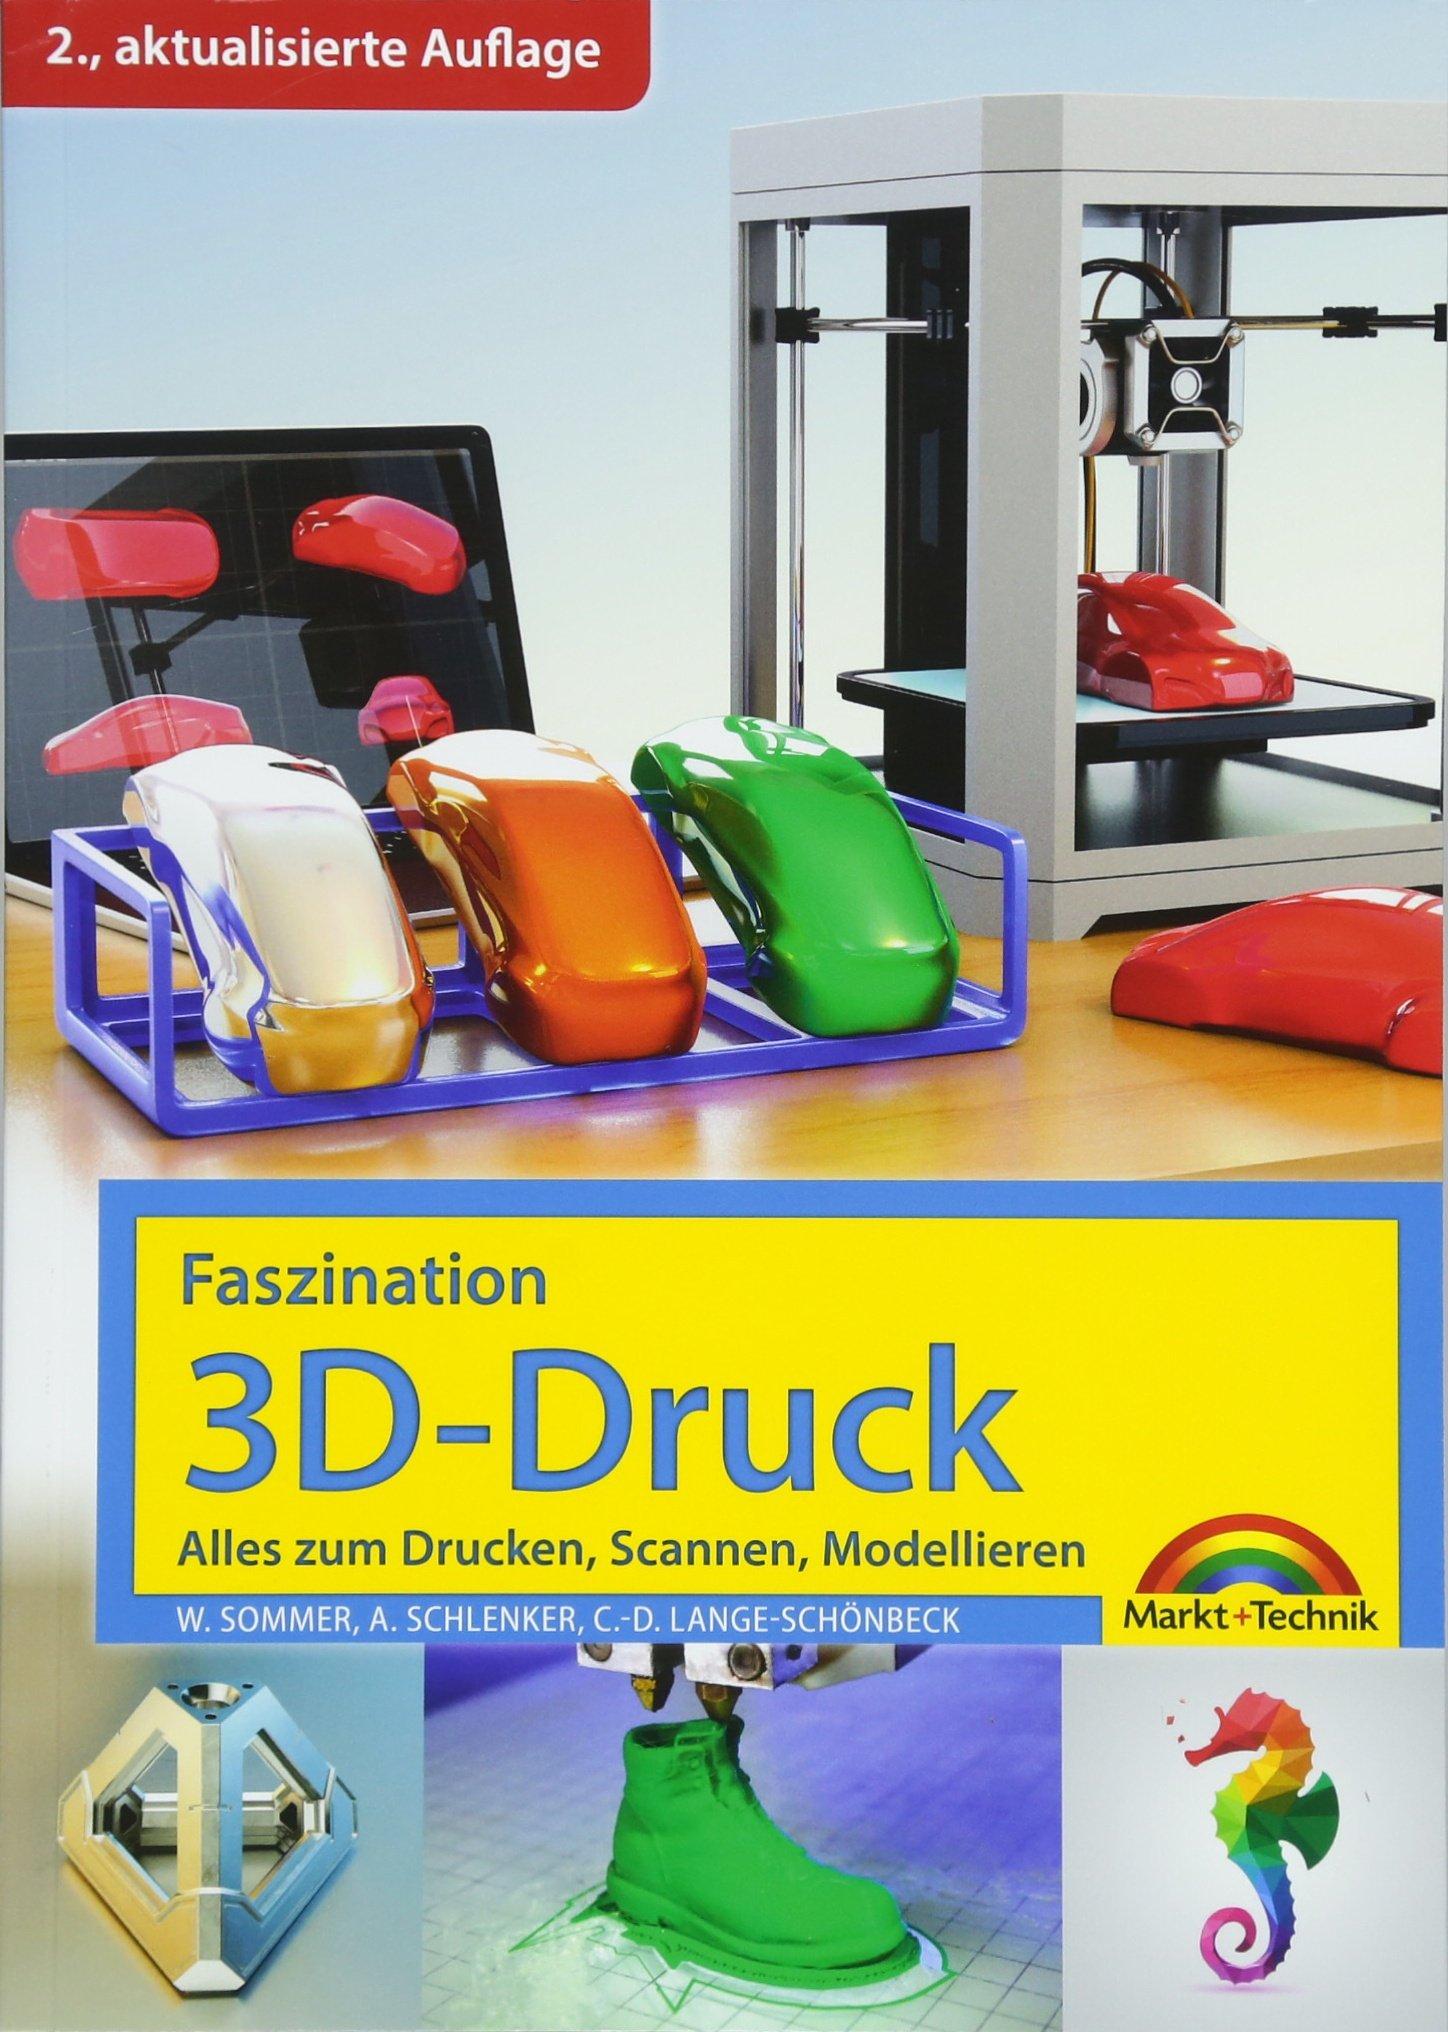 faszination-3d-druck-2-aktualisierte-auflage-alles-zum-drucken-scannen-modellieren